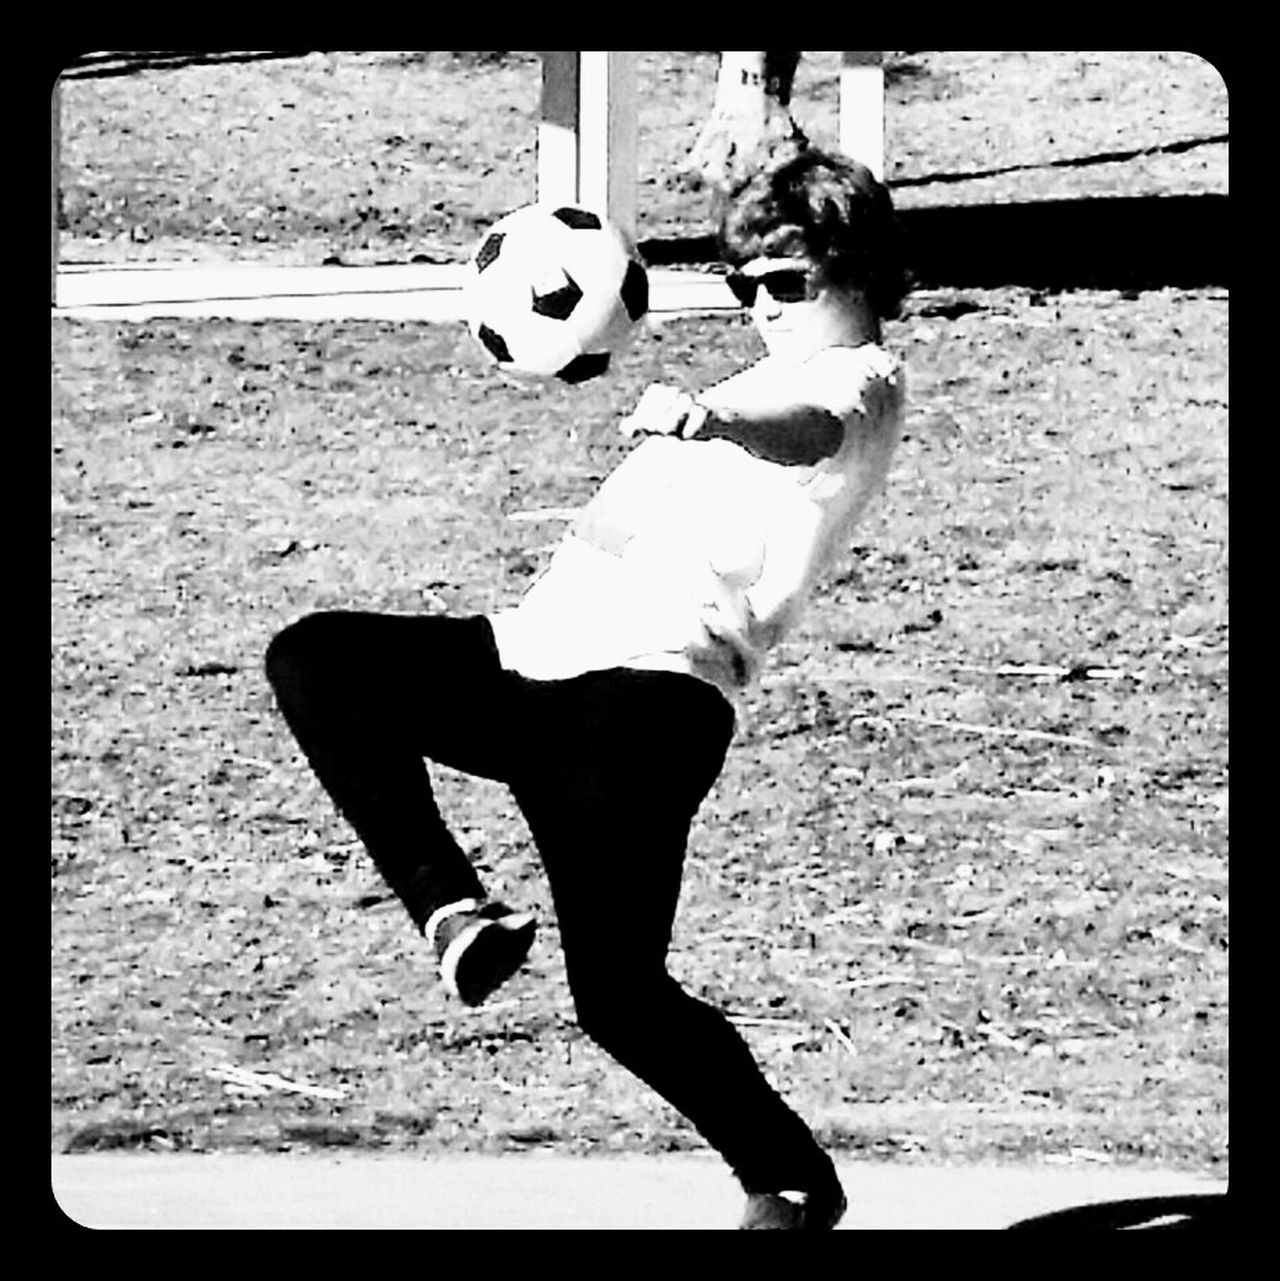 Kicking It Soccer⚽ Soccer ⚽ Soccer Life Soccer Field Soccer<3 Soccer Practice SoccerTime Soccer Ball Soccertraining Soccer